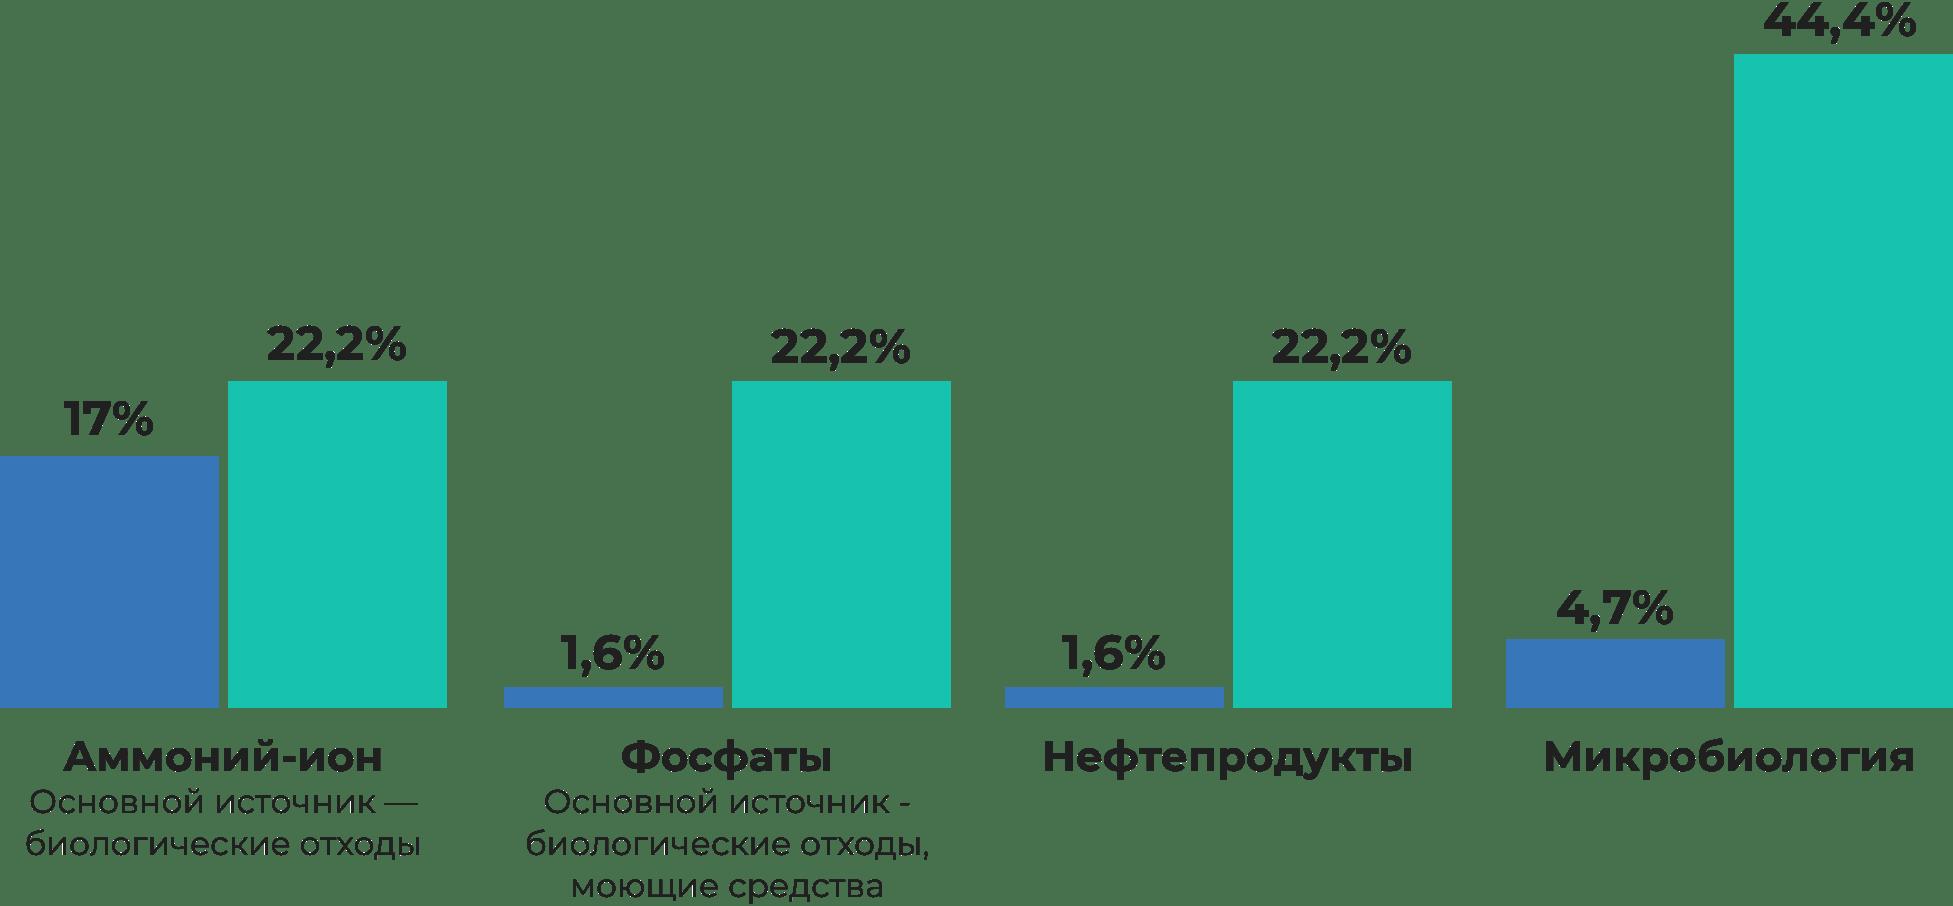 Инфографика: анализы морской воды вСевастополе вместе сброса сточных вод, процент проб несоответствующих нормам в 2016 и 2019